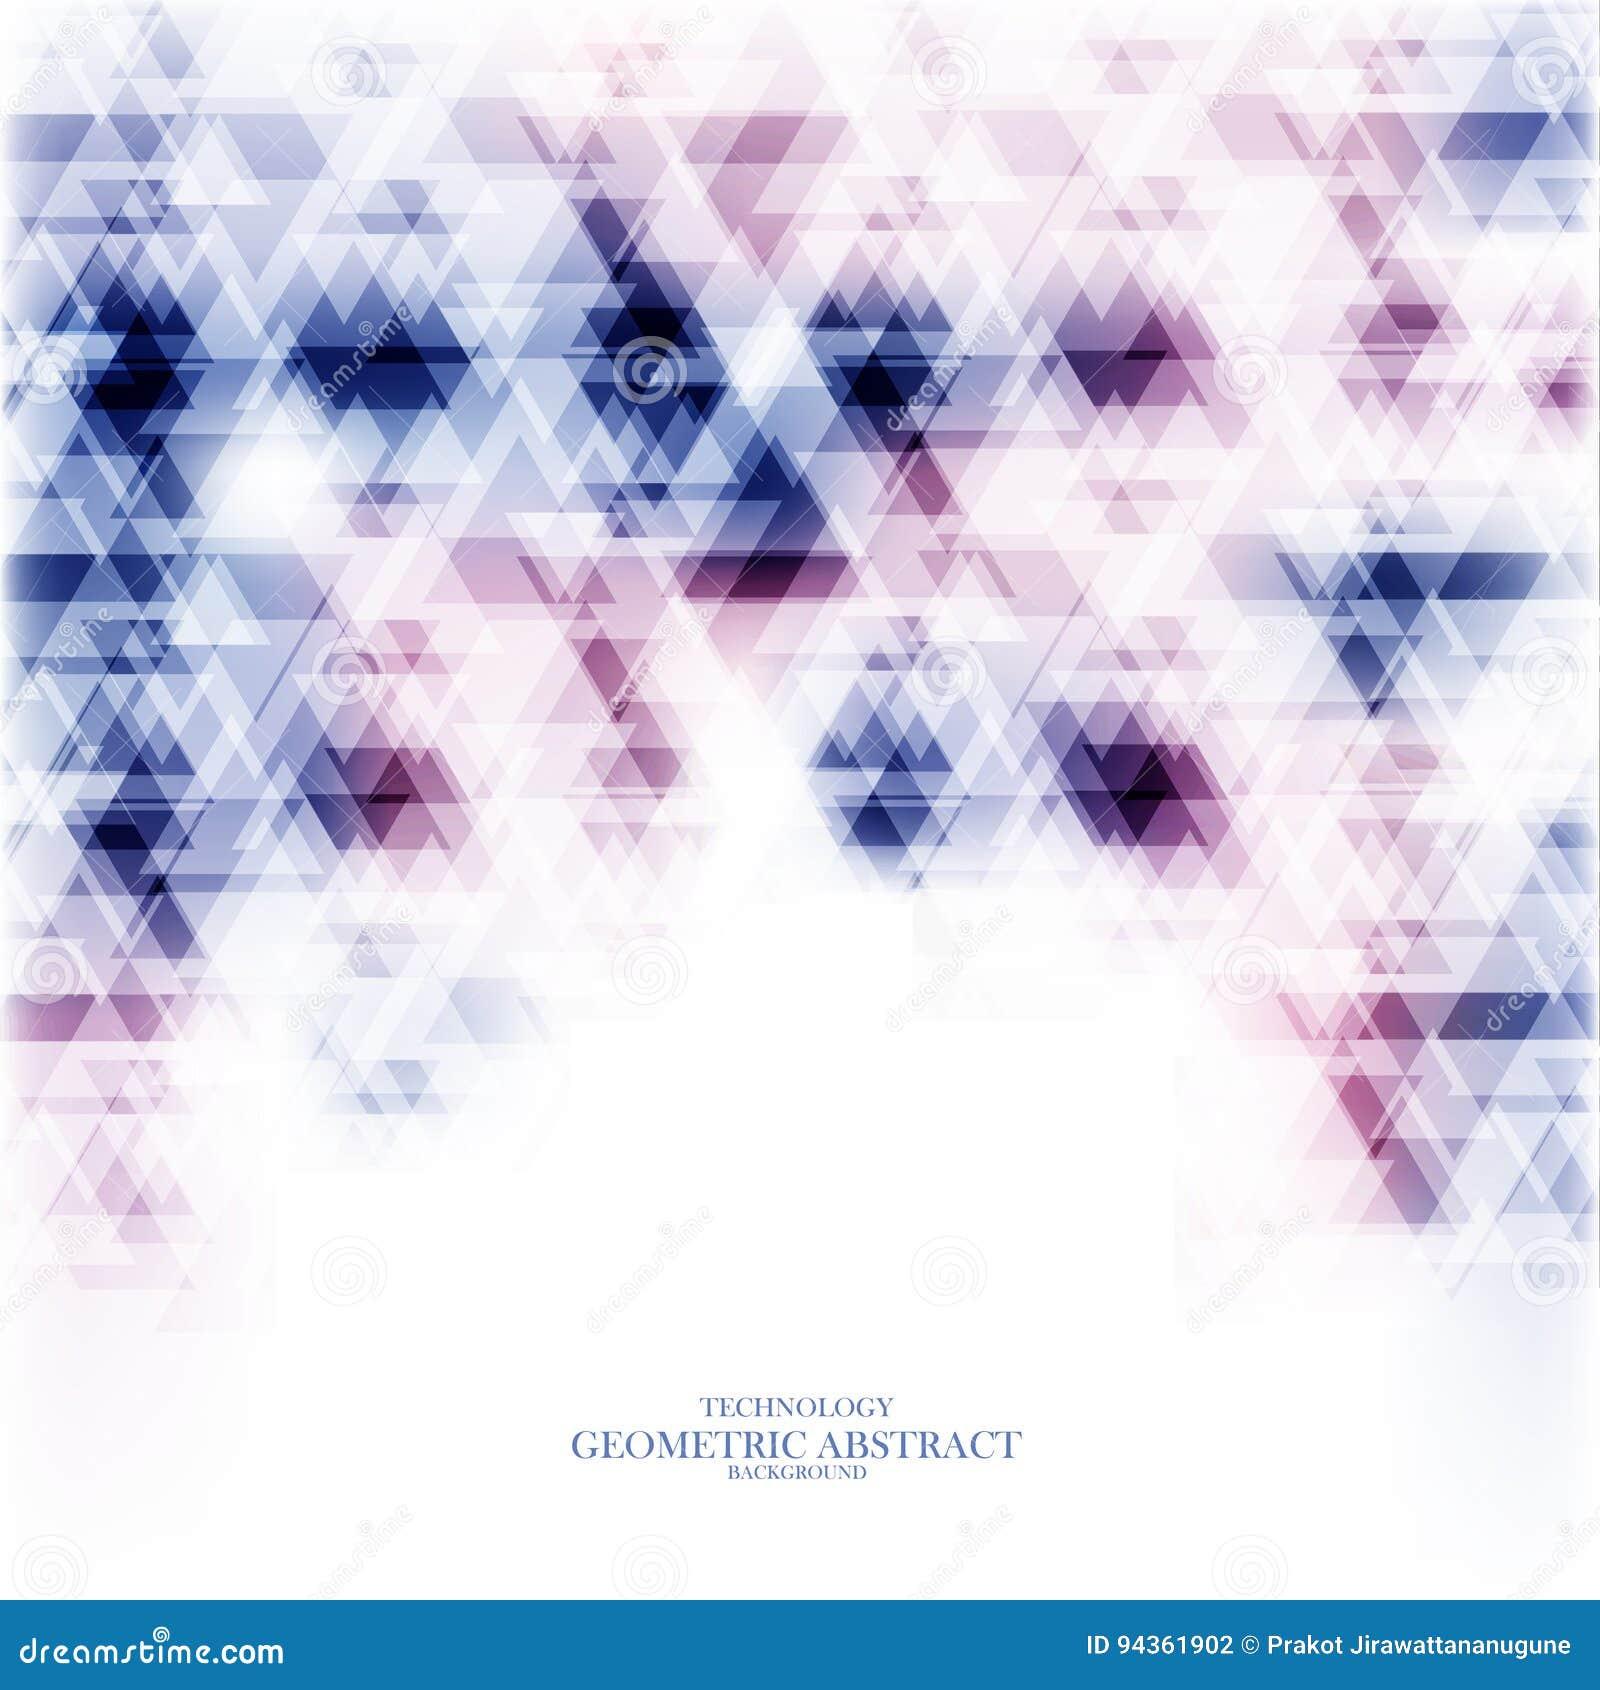 Γεωμετρικό τεχνολογικό ζωηρόχρωμο αφηρημένο διάνυσμα υποβάθρου